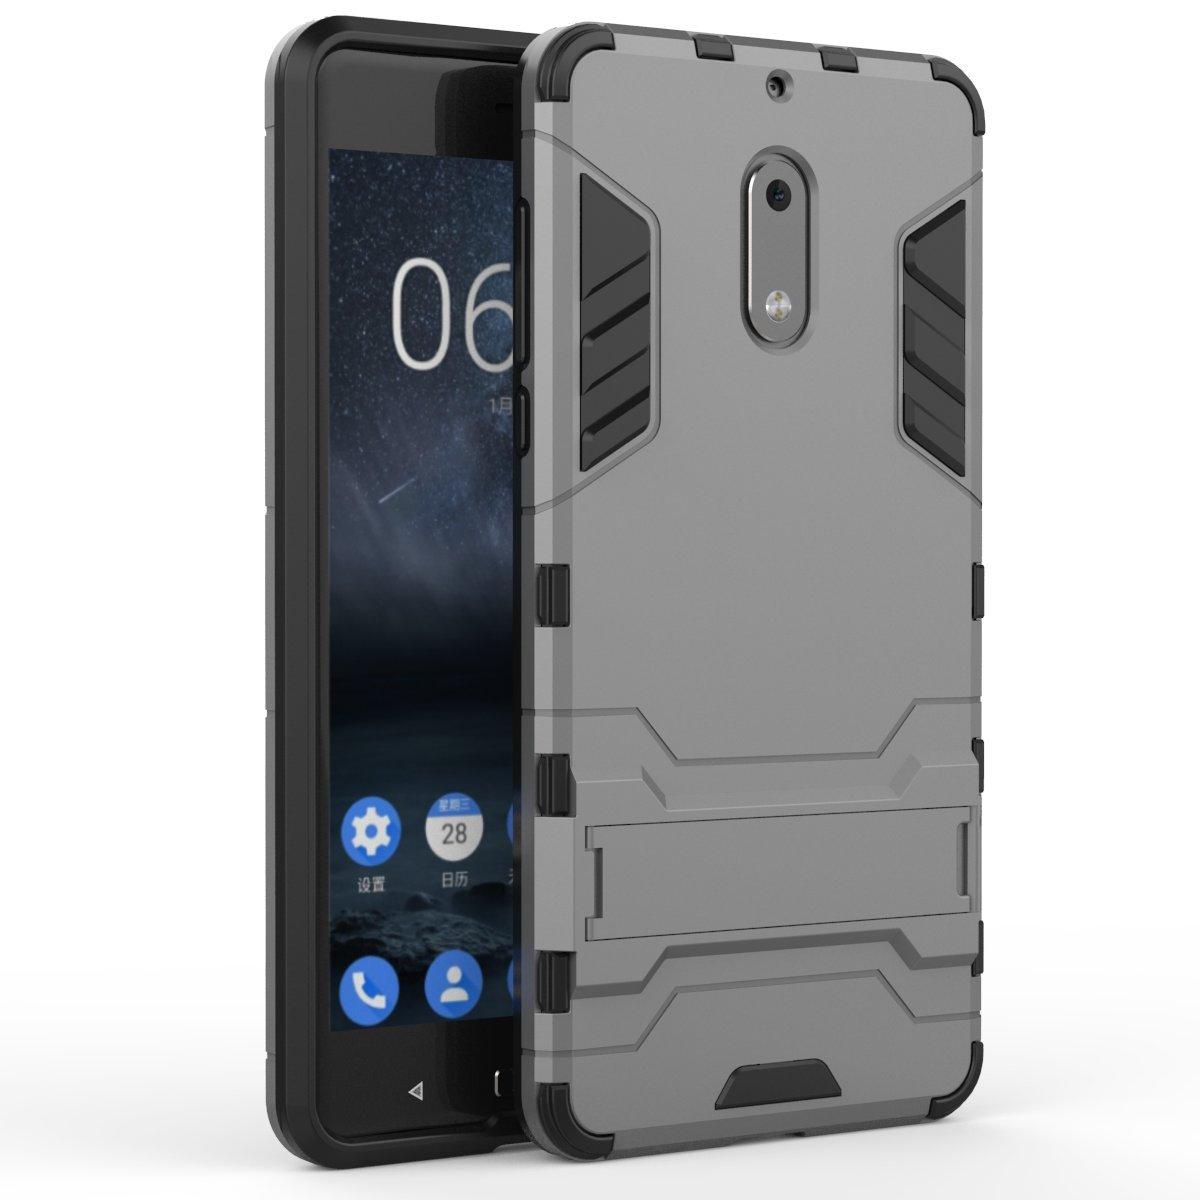 Ming Blue CaseFirst Nokia 6 Custodia Hybrid Cover Antiurto Combo Armor Bumper Protettiva Anti-Impronte Anti-Scivolo 2 in 1 Rigida Custodia per Nokia 6